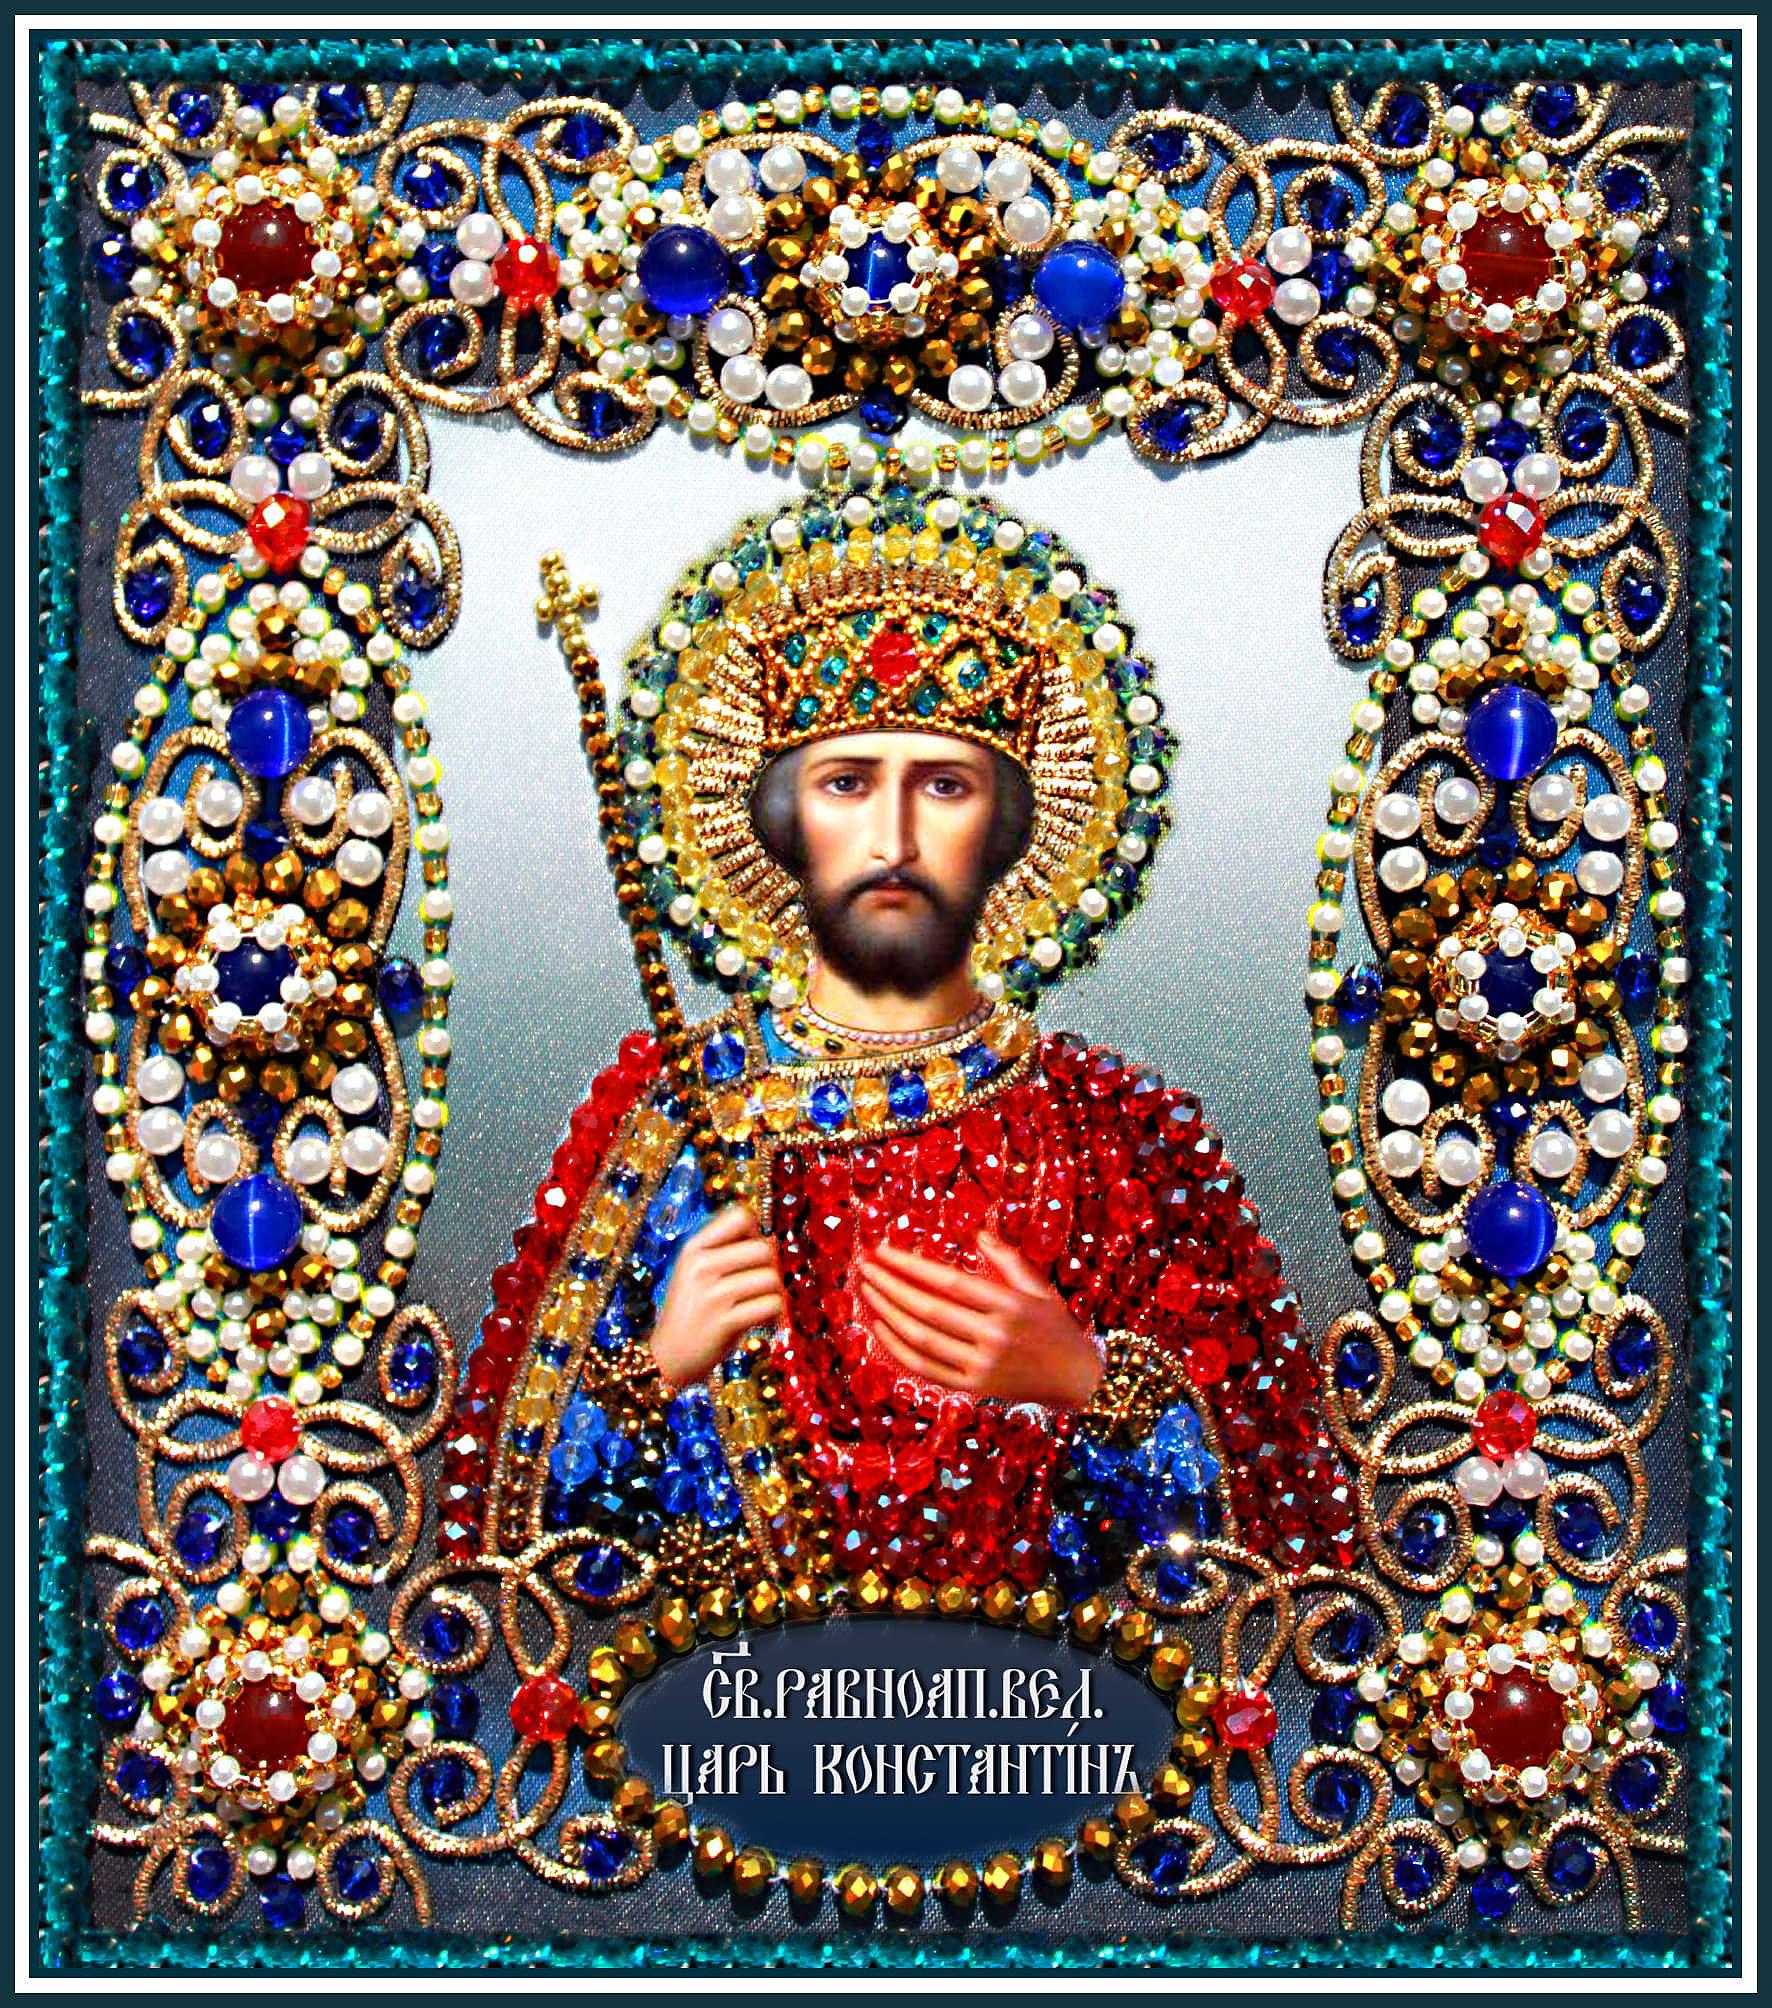 Образа в каменьях икона Святой Константин арт. 77-и-47